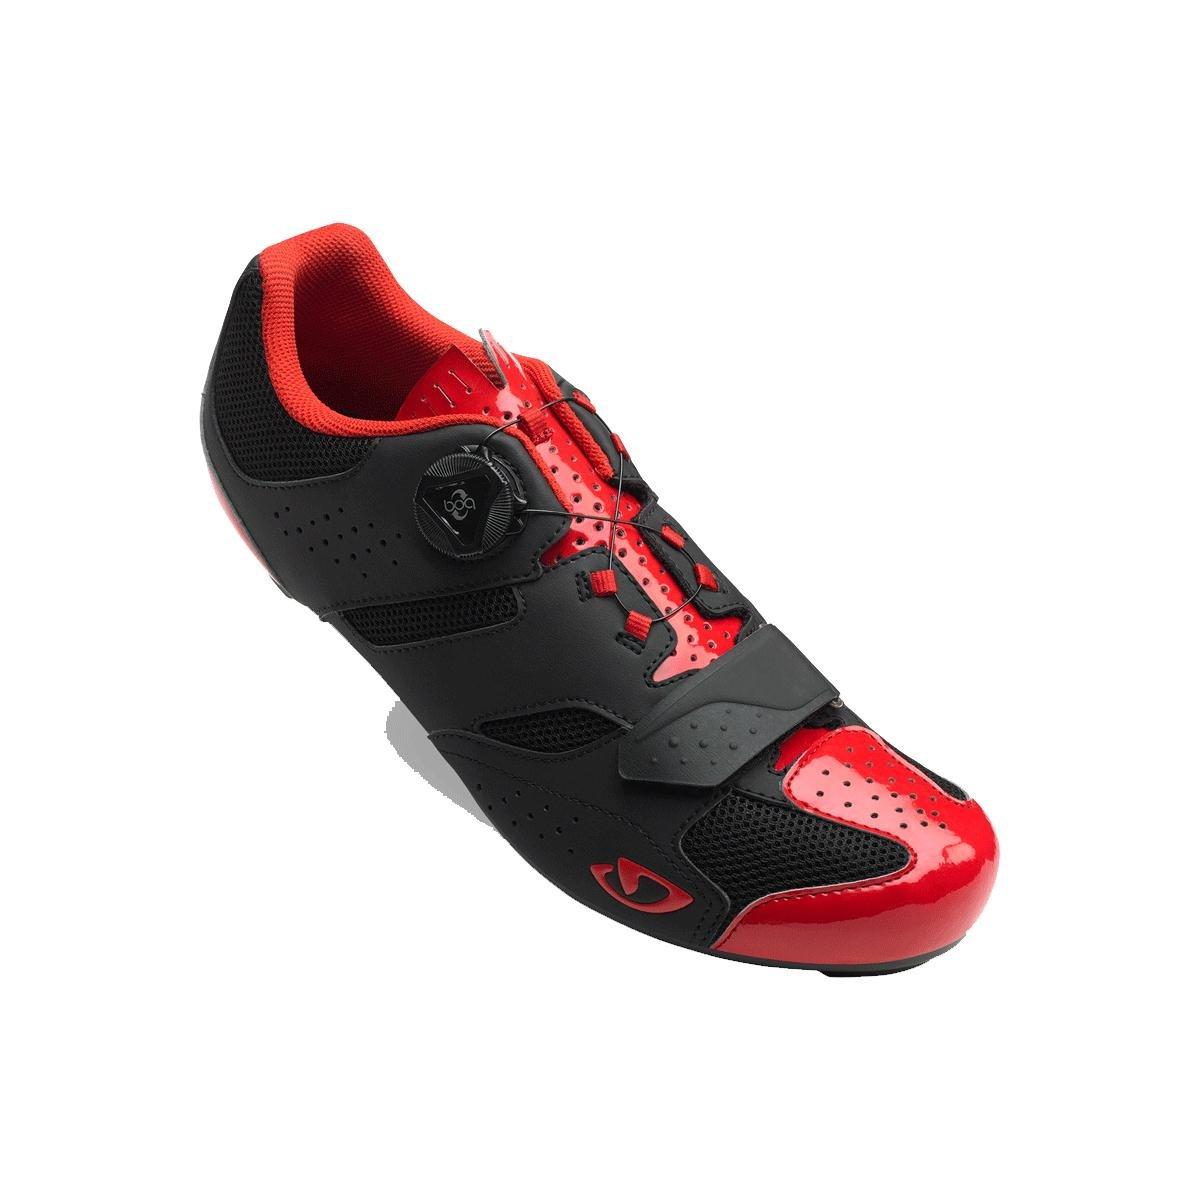 Giro savix Cycling Shoes – Men 's B075RTMQPQ 45|Bright Red/Black Bright Red/Black 45